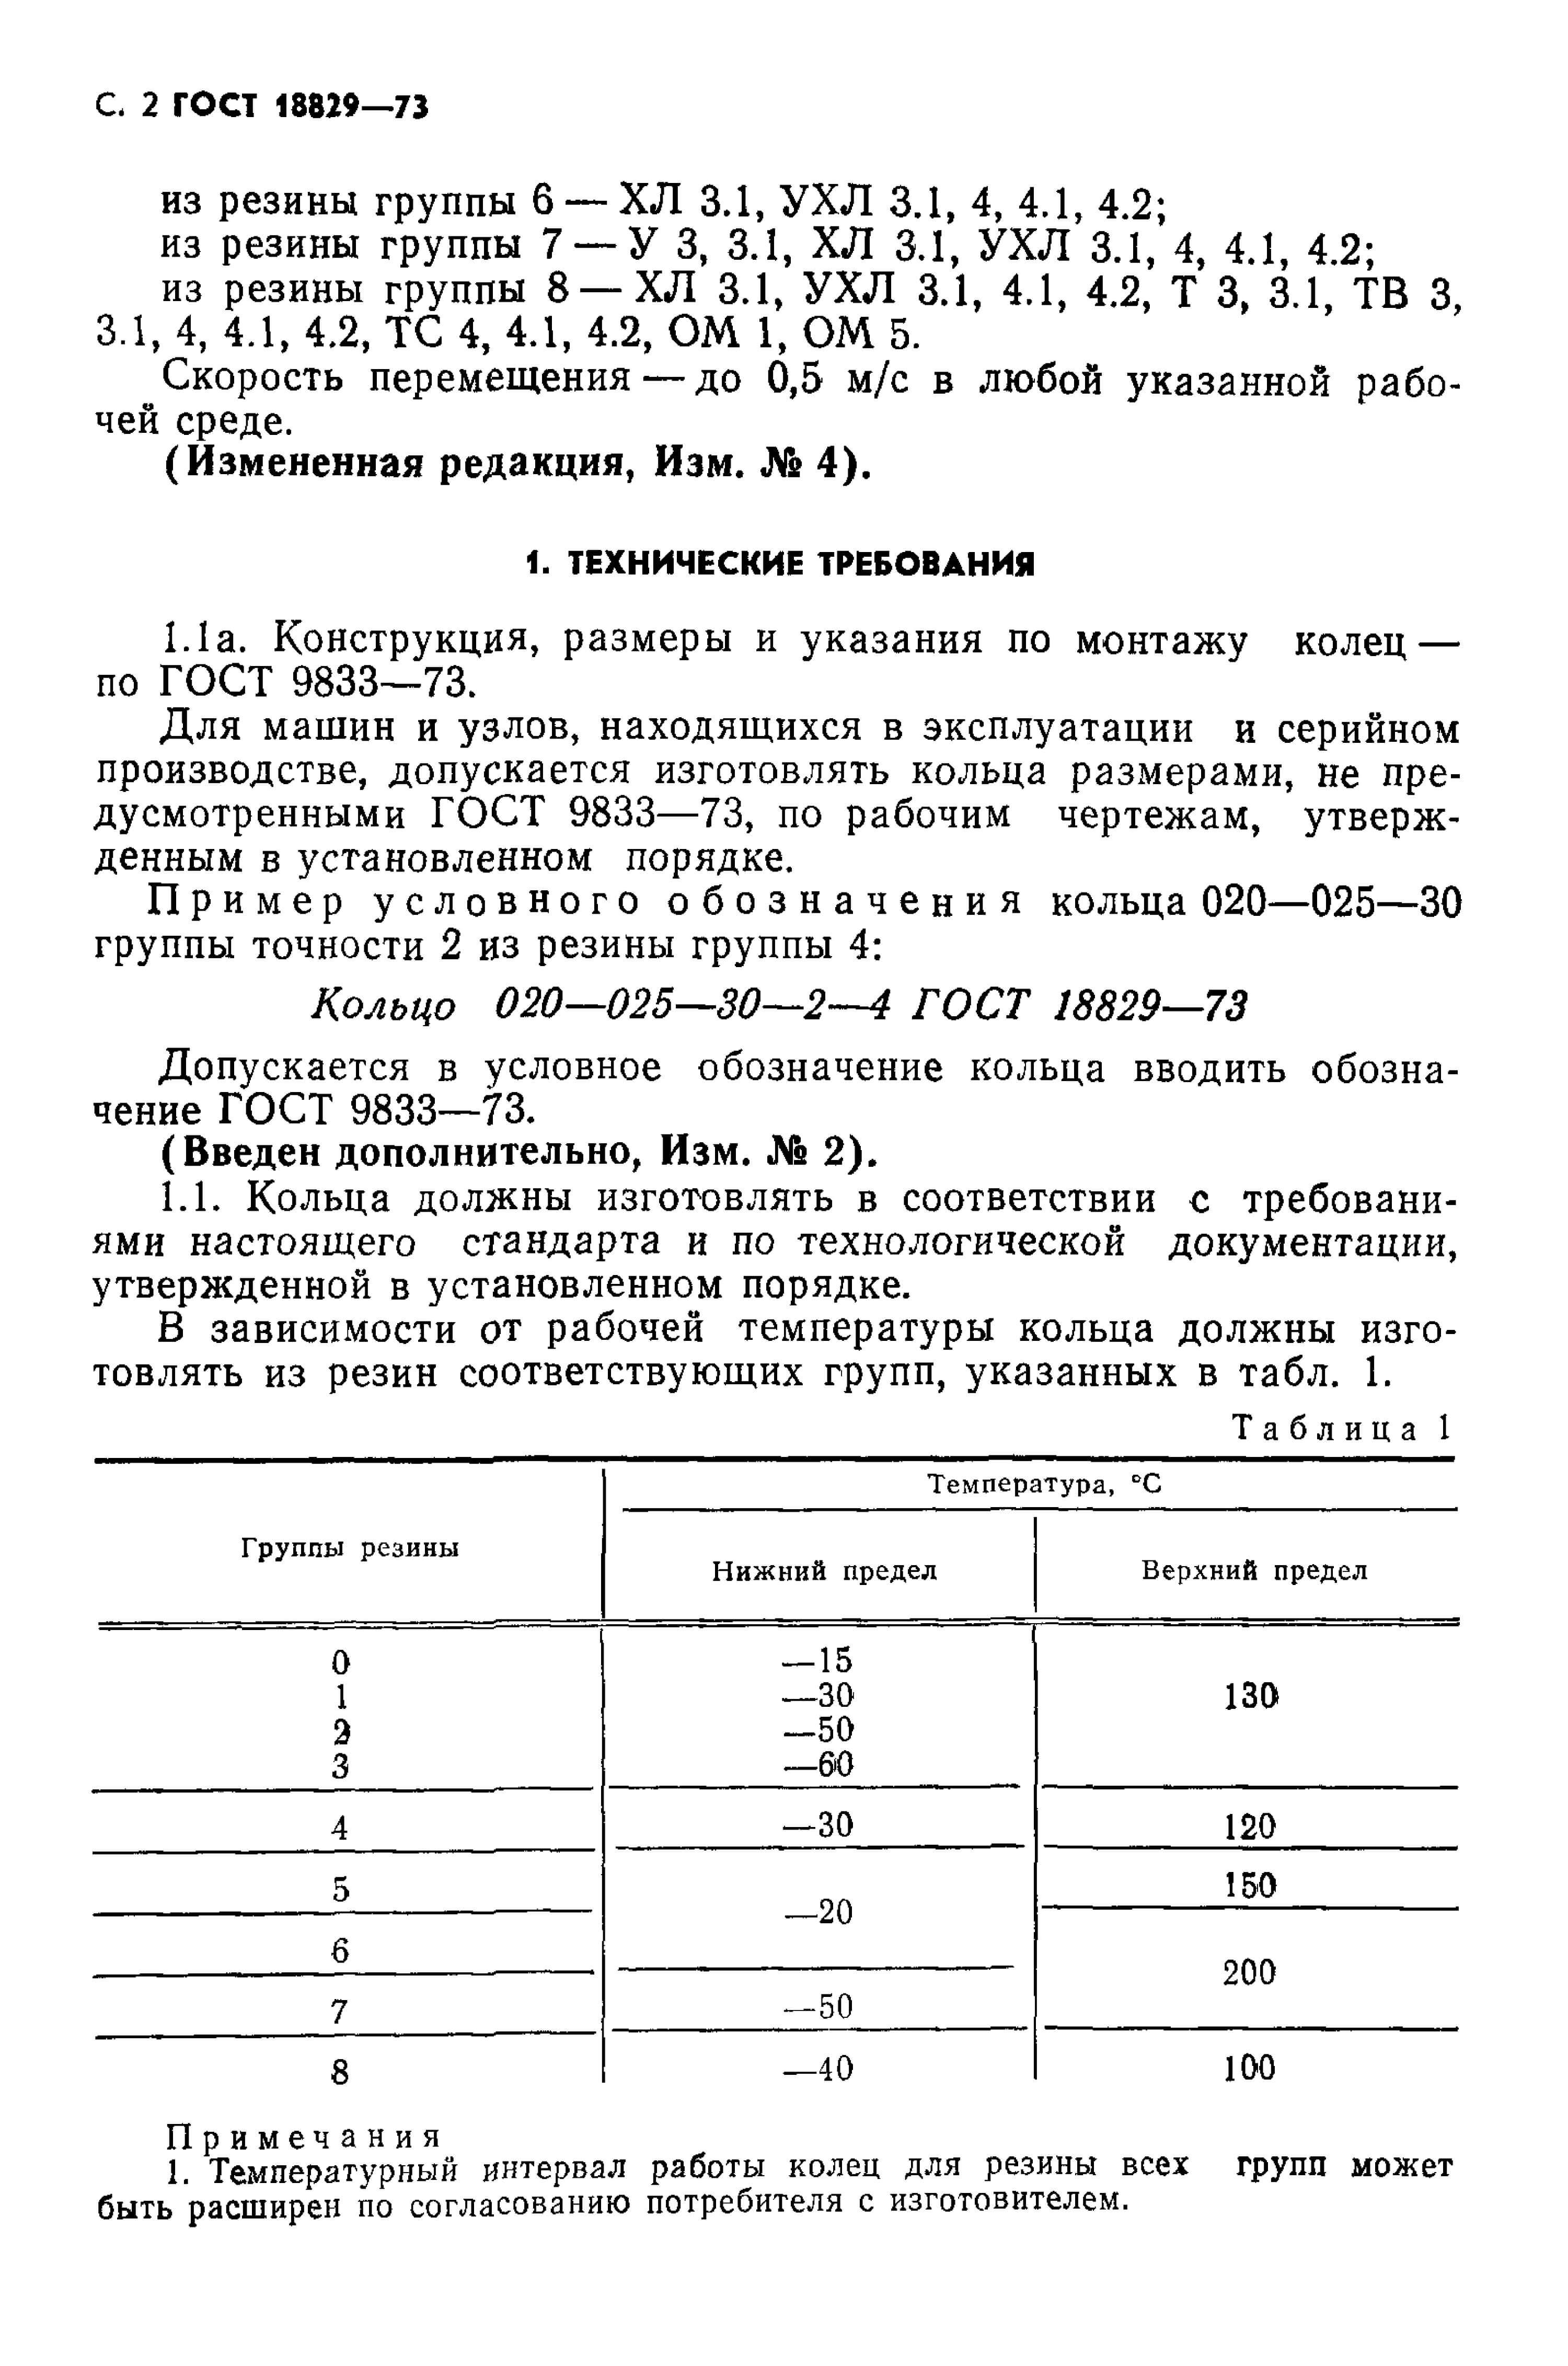 GOST_18829-73__3_.jpg